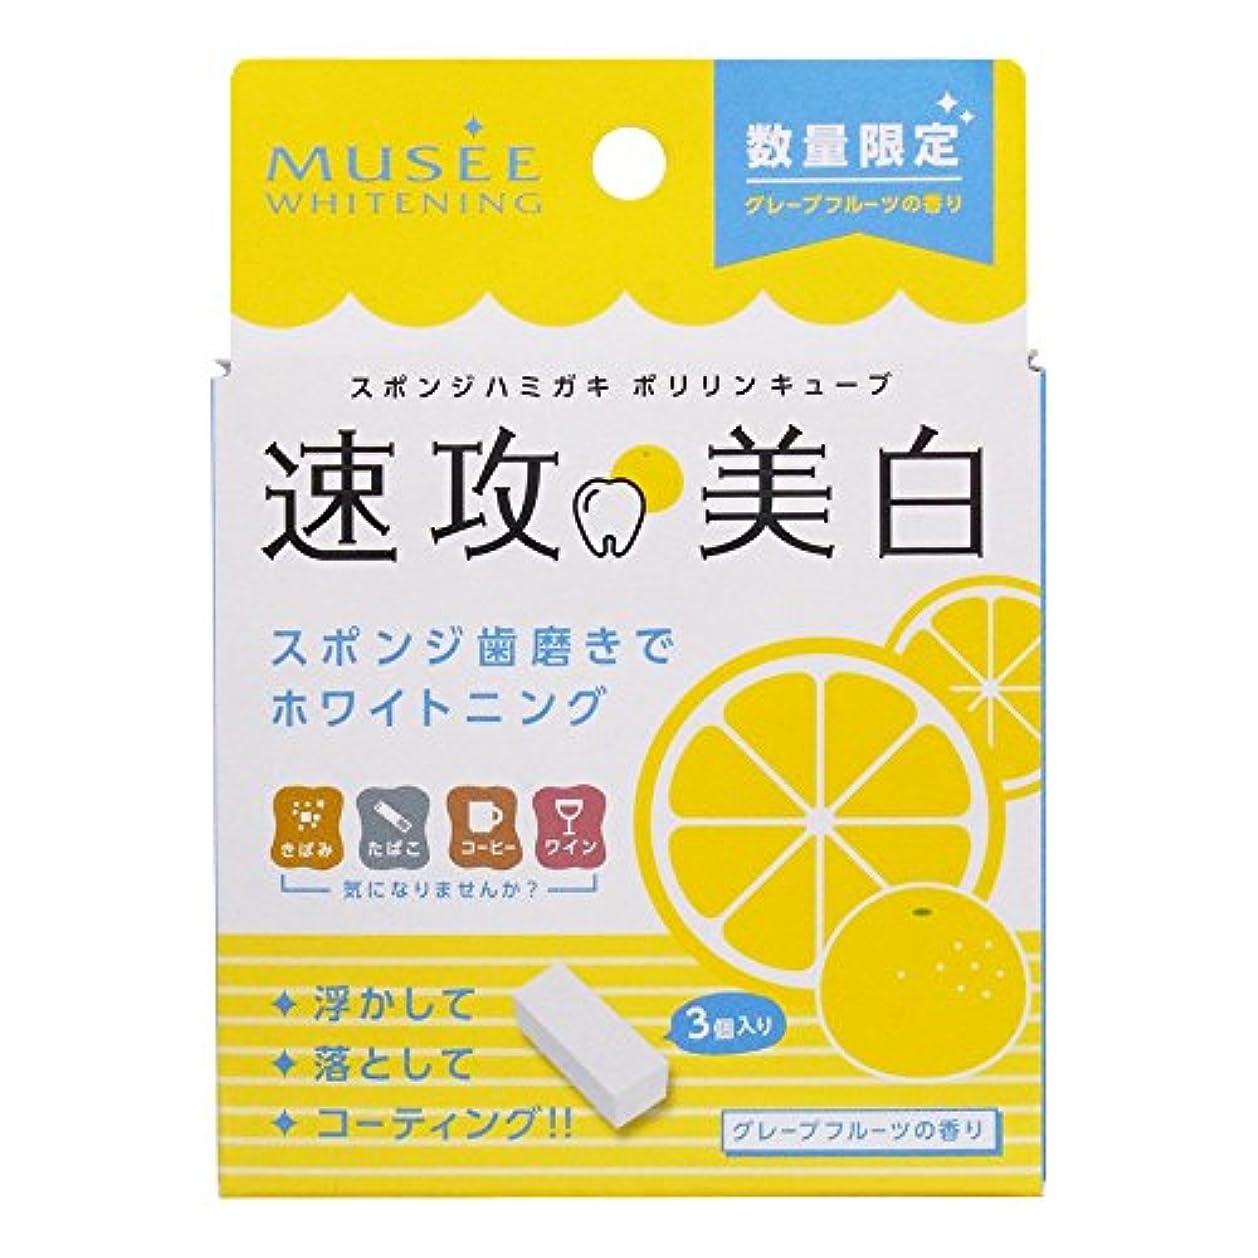 受け入れ解凍する、雪解け、霜解けフォアタイプミュゼホワイトニング ポリリンキューブ グレープフルーツの香り (1回分×3包)